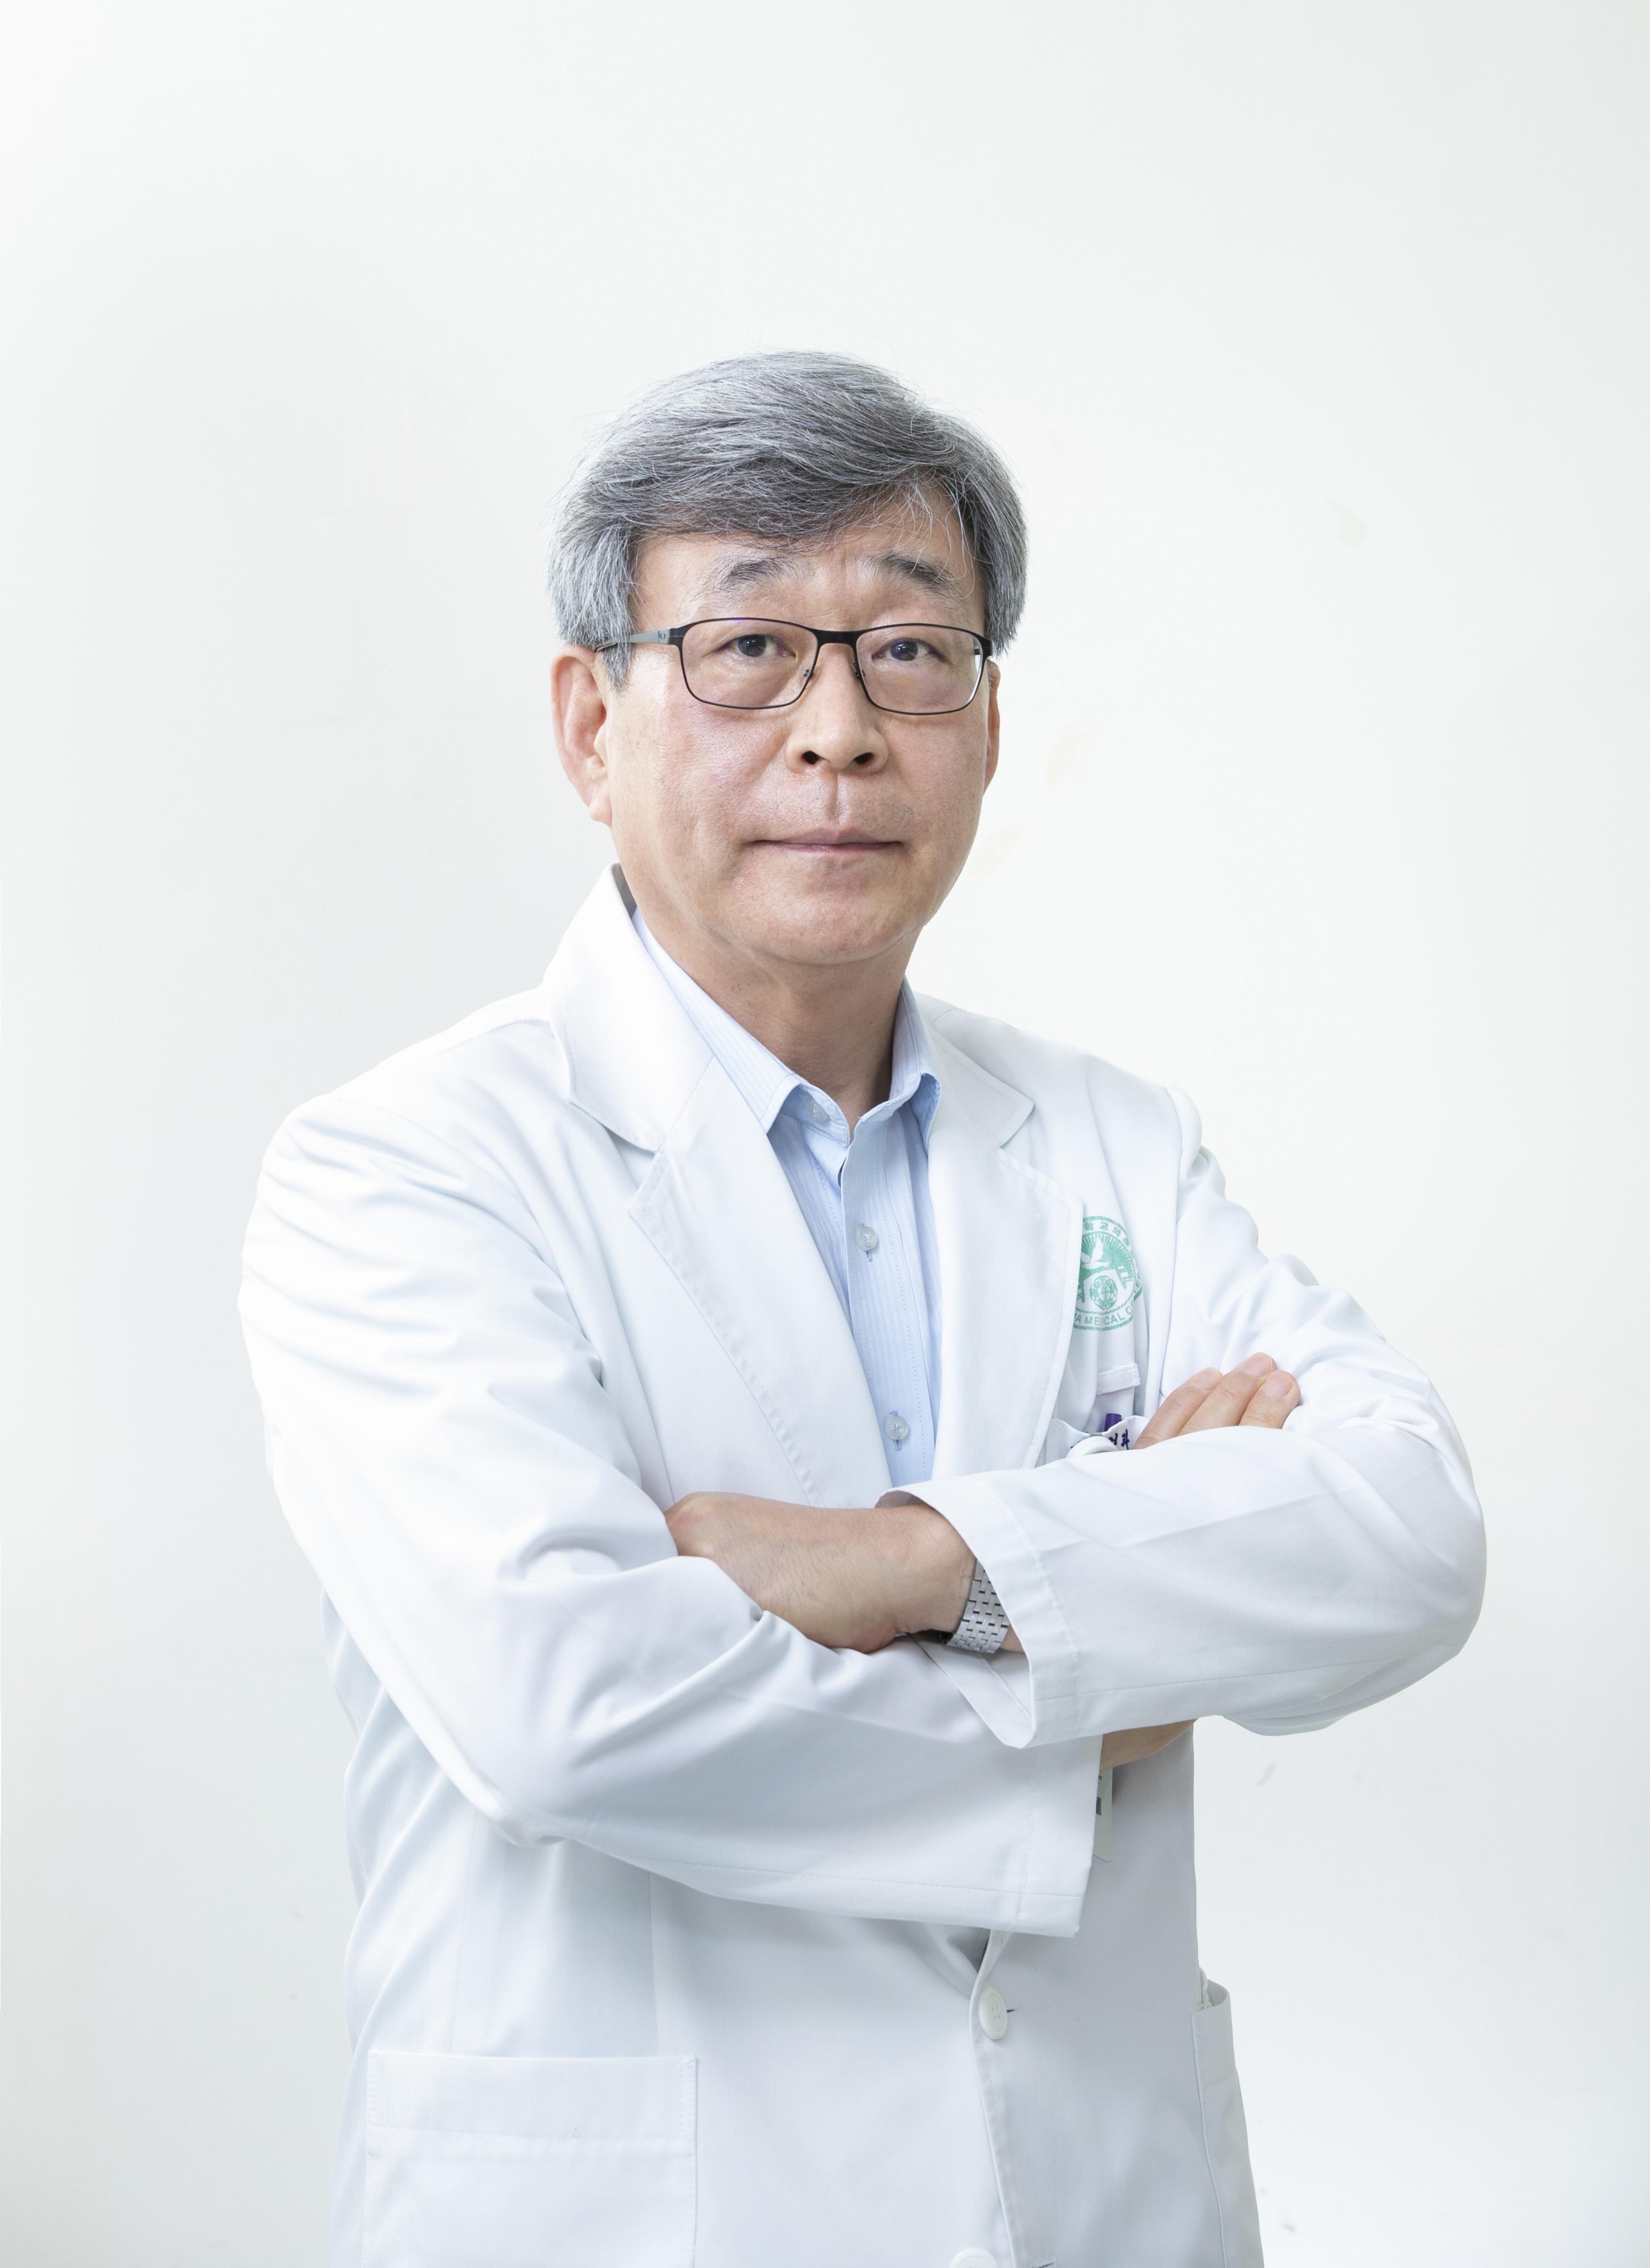 김승철(金昇喆) 교수님 사진